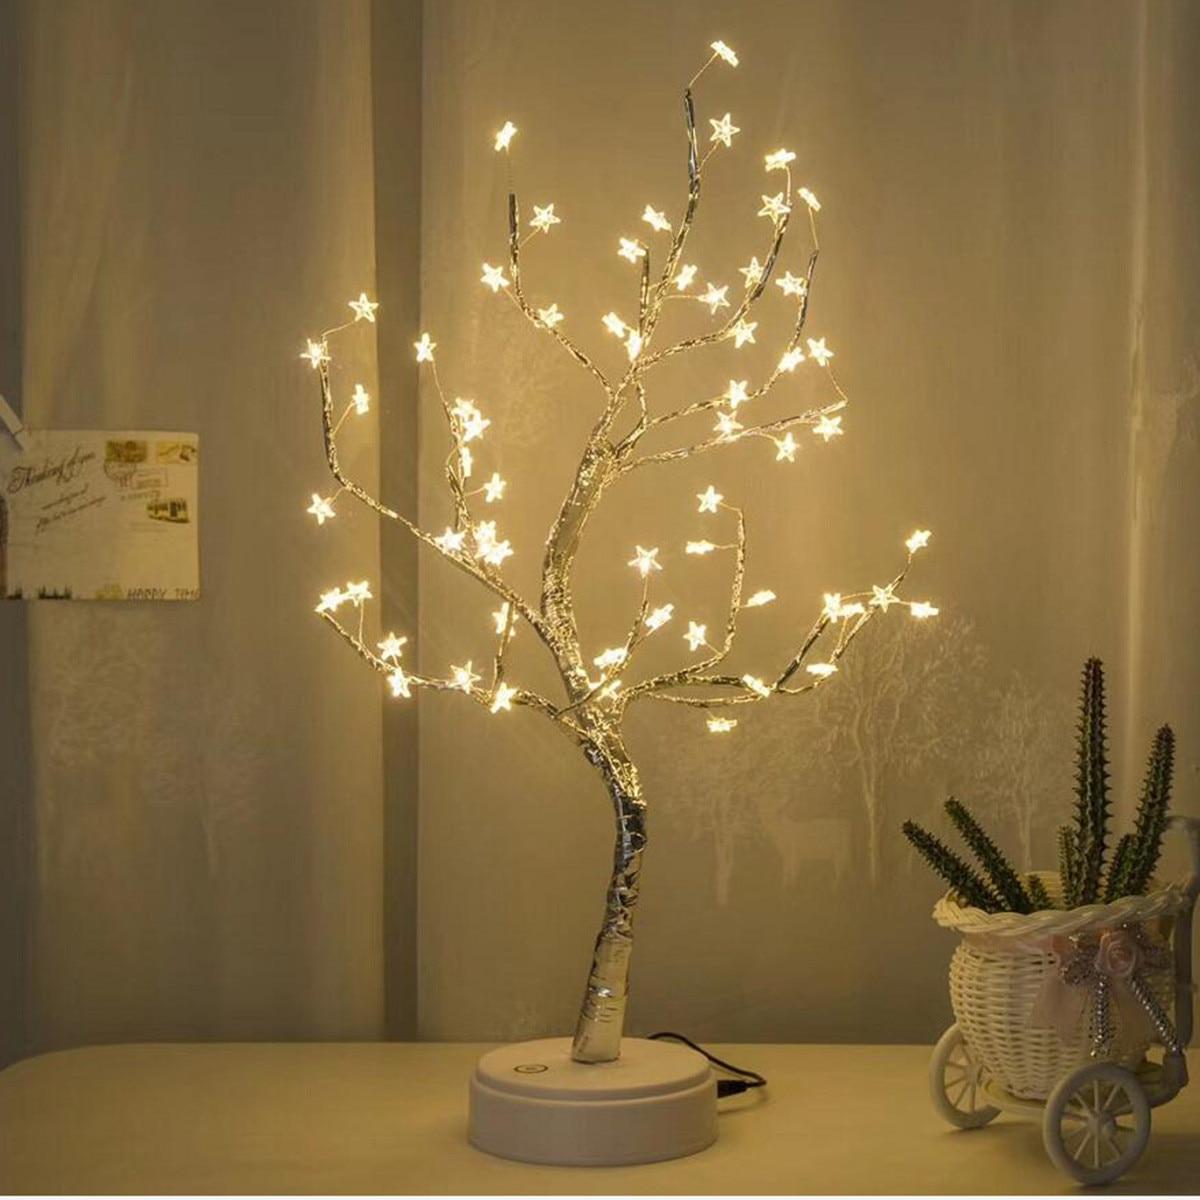 원래 ALIWARM 화이트 LED 60 화이트 스타 테이블 램프 홈 장식 웨딩 침실 Dropshipping 20